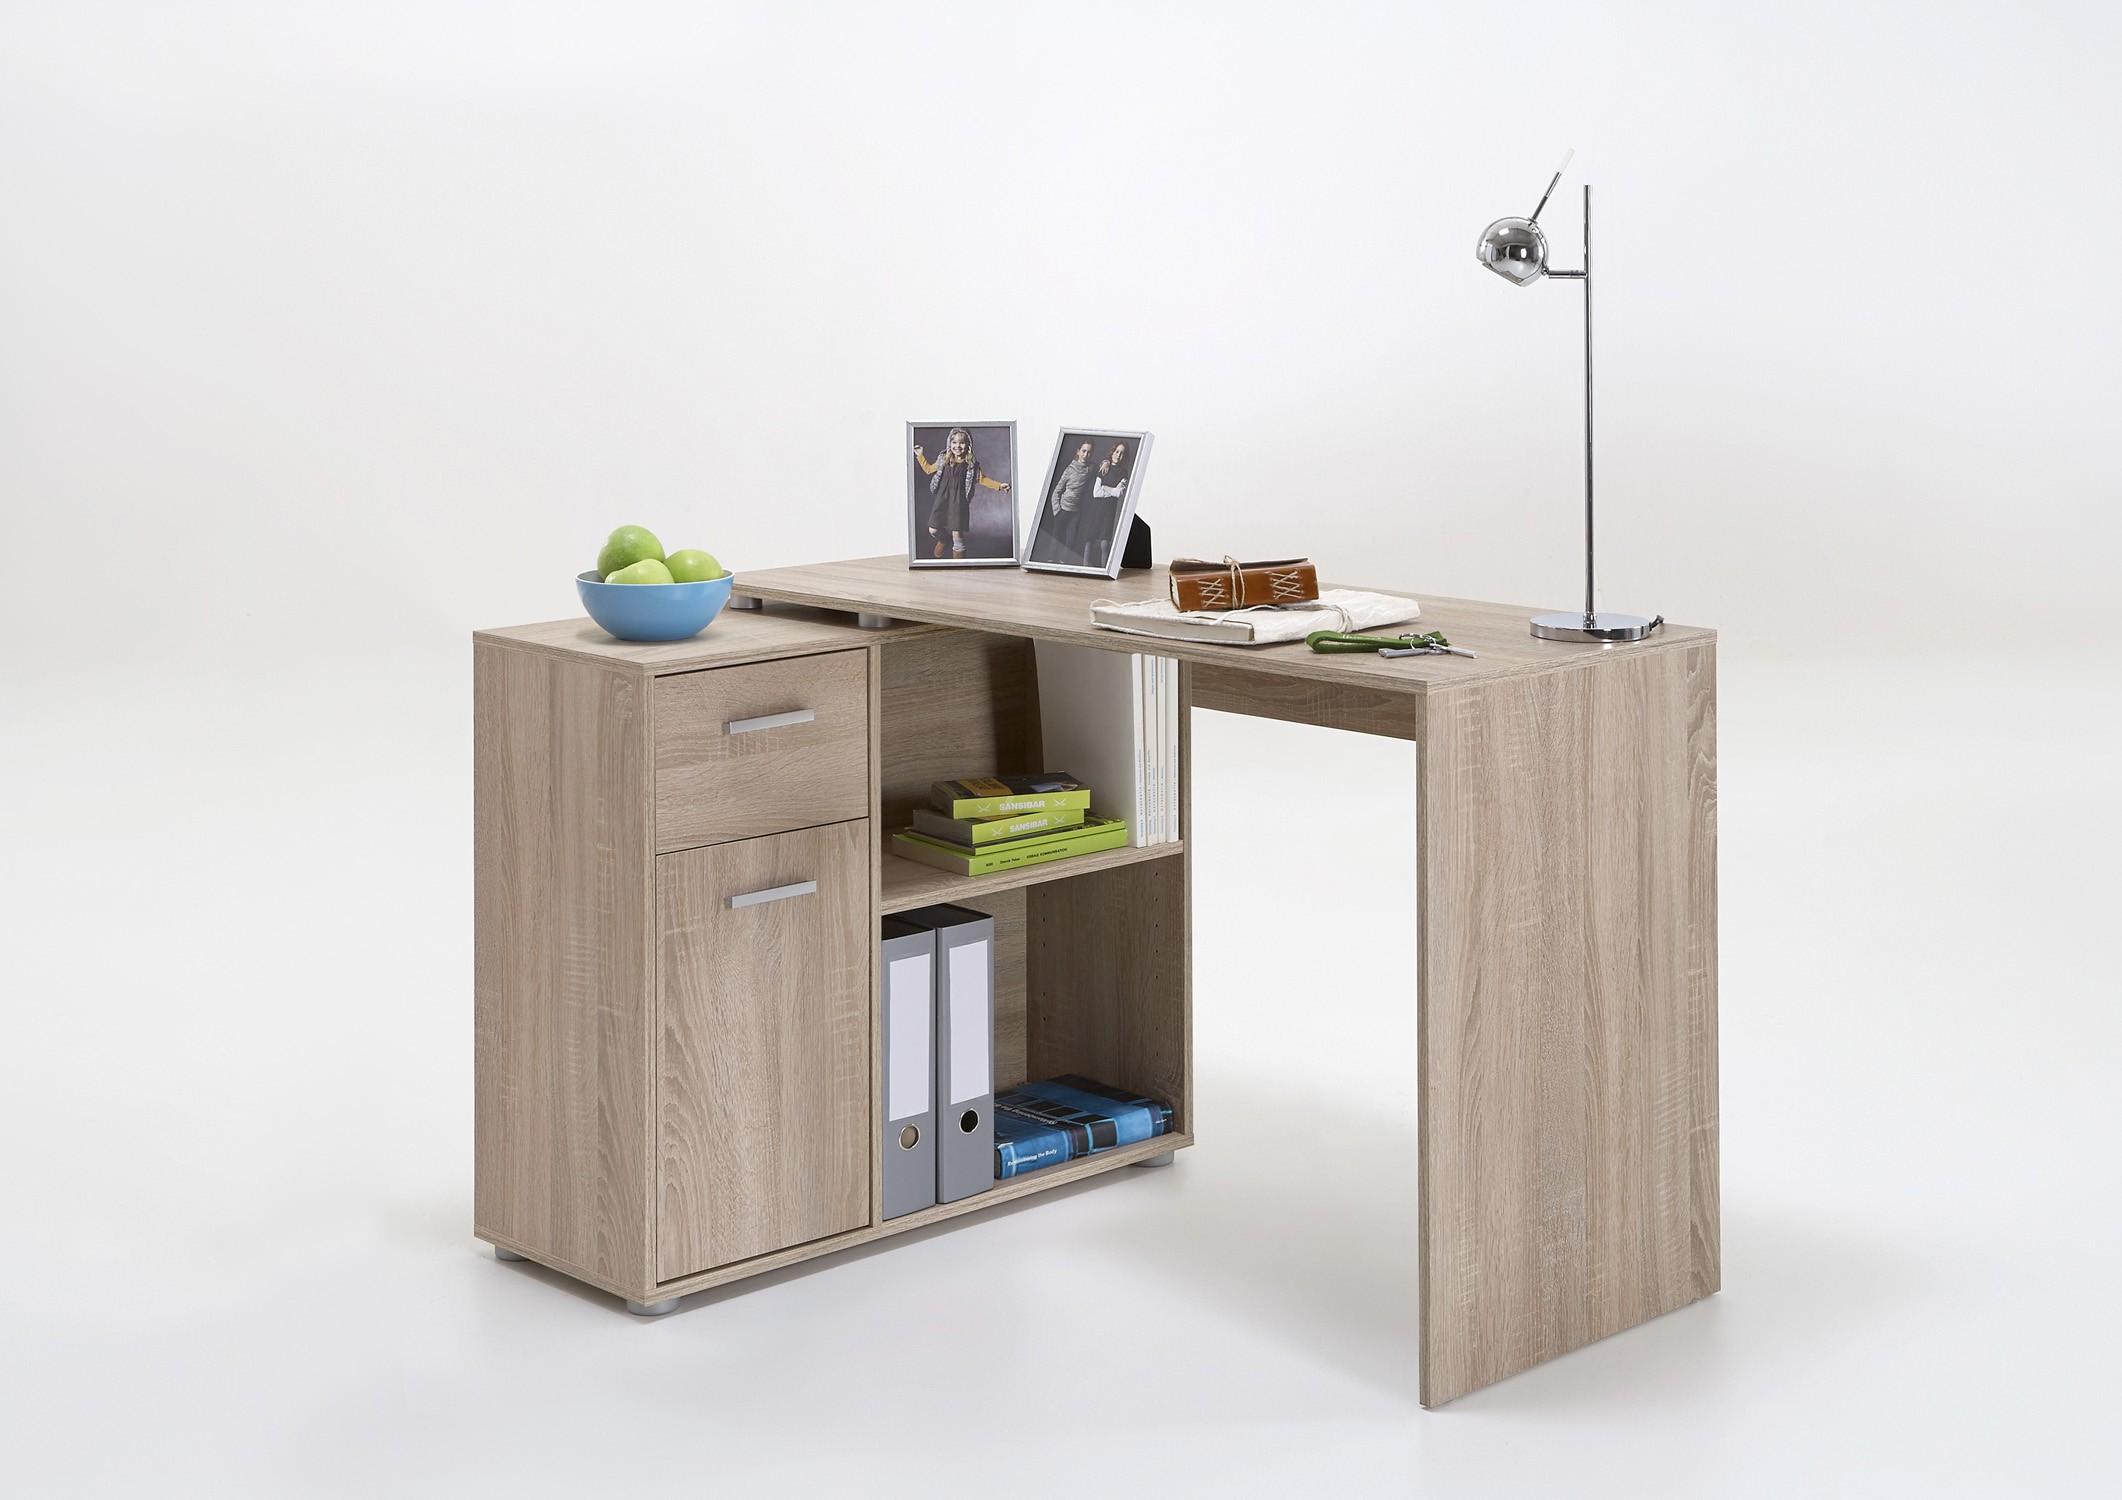 winkel schreibtisch mod t155 e eiche h c m bel. Black Bedroom Furniture Sets. Home Design Ideas